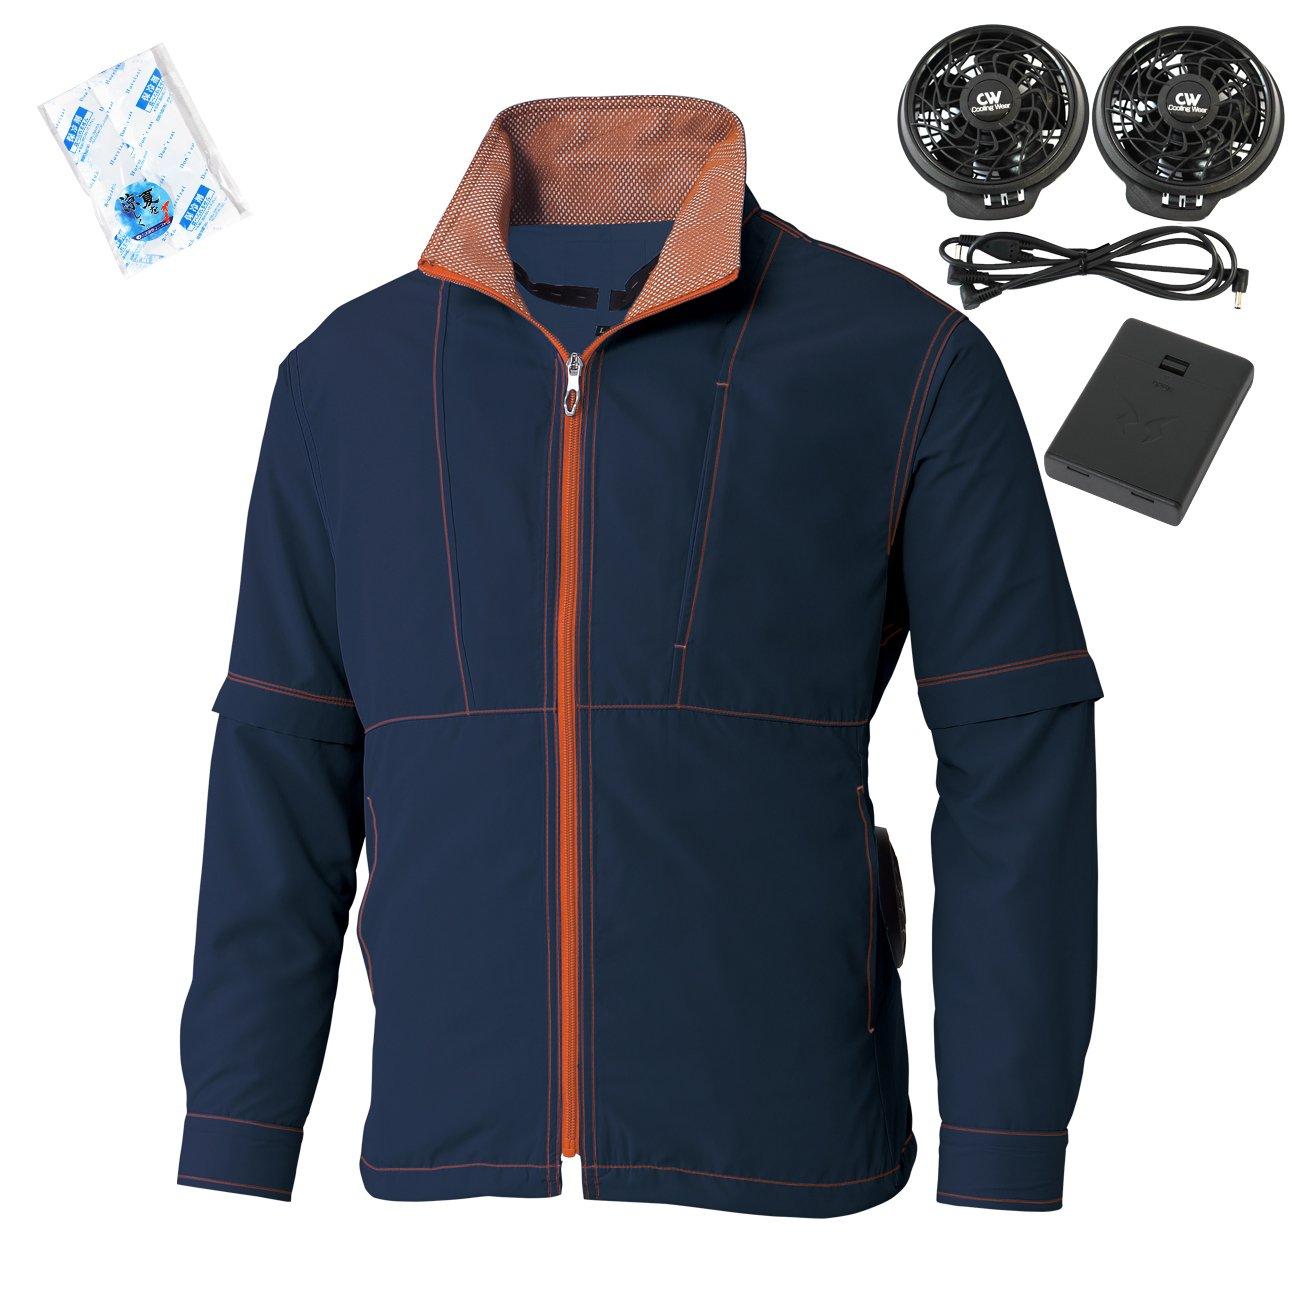 空調服 作業服 空調風神服 サンエス 袖取り外し長袖ブルゾン/半袖切替(2018年新型ファン電池ボックス/保冷剤2個付)<099-KU91621H> B06Y67X35H 4L 3-ネイビー 3-ネイビー 4L